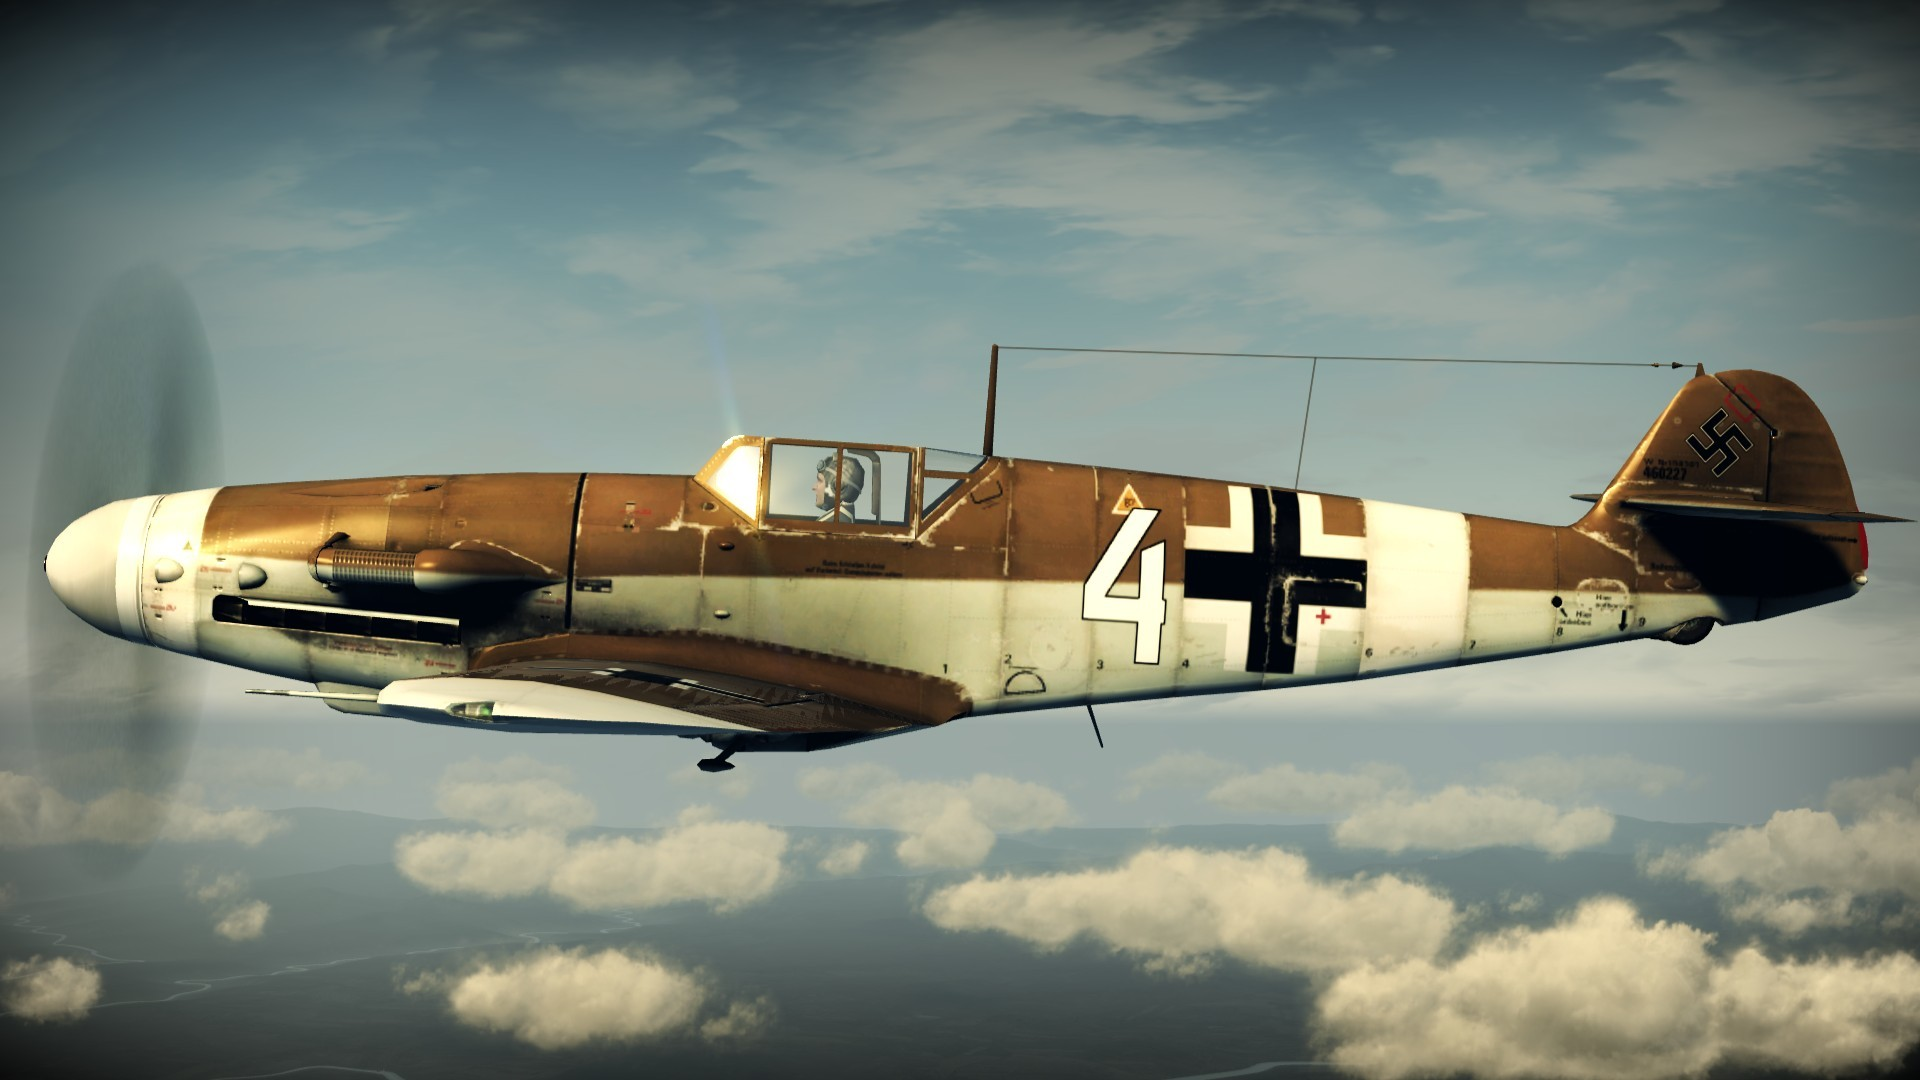 bf-109g-2_eng_06.jpg (1920×1080)   WW2 Aircraft   Pinterest   Aircraft,  Luftwaffe and Planes